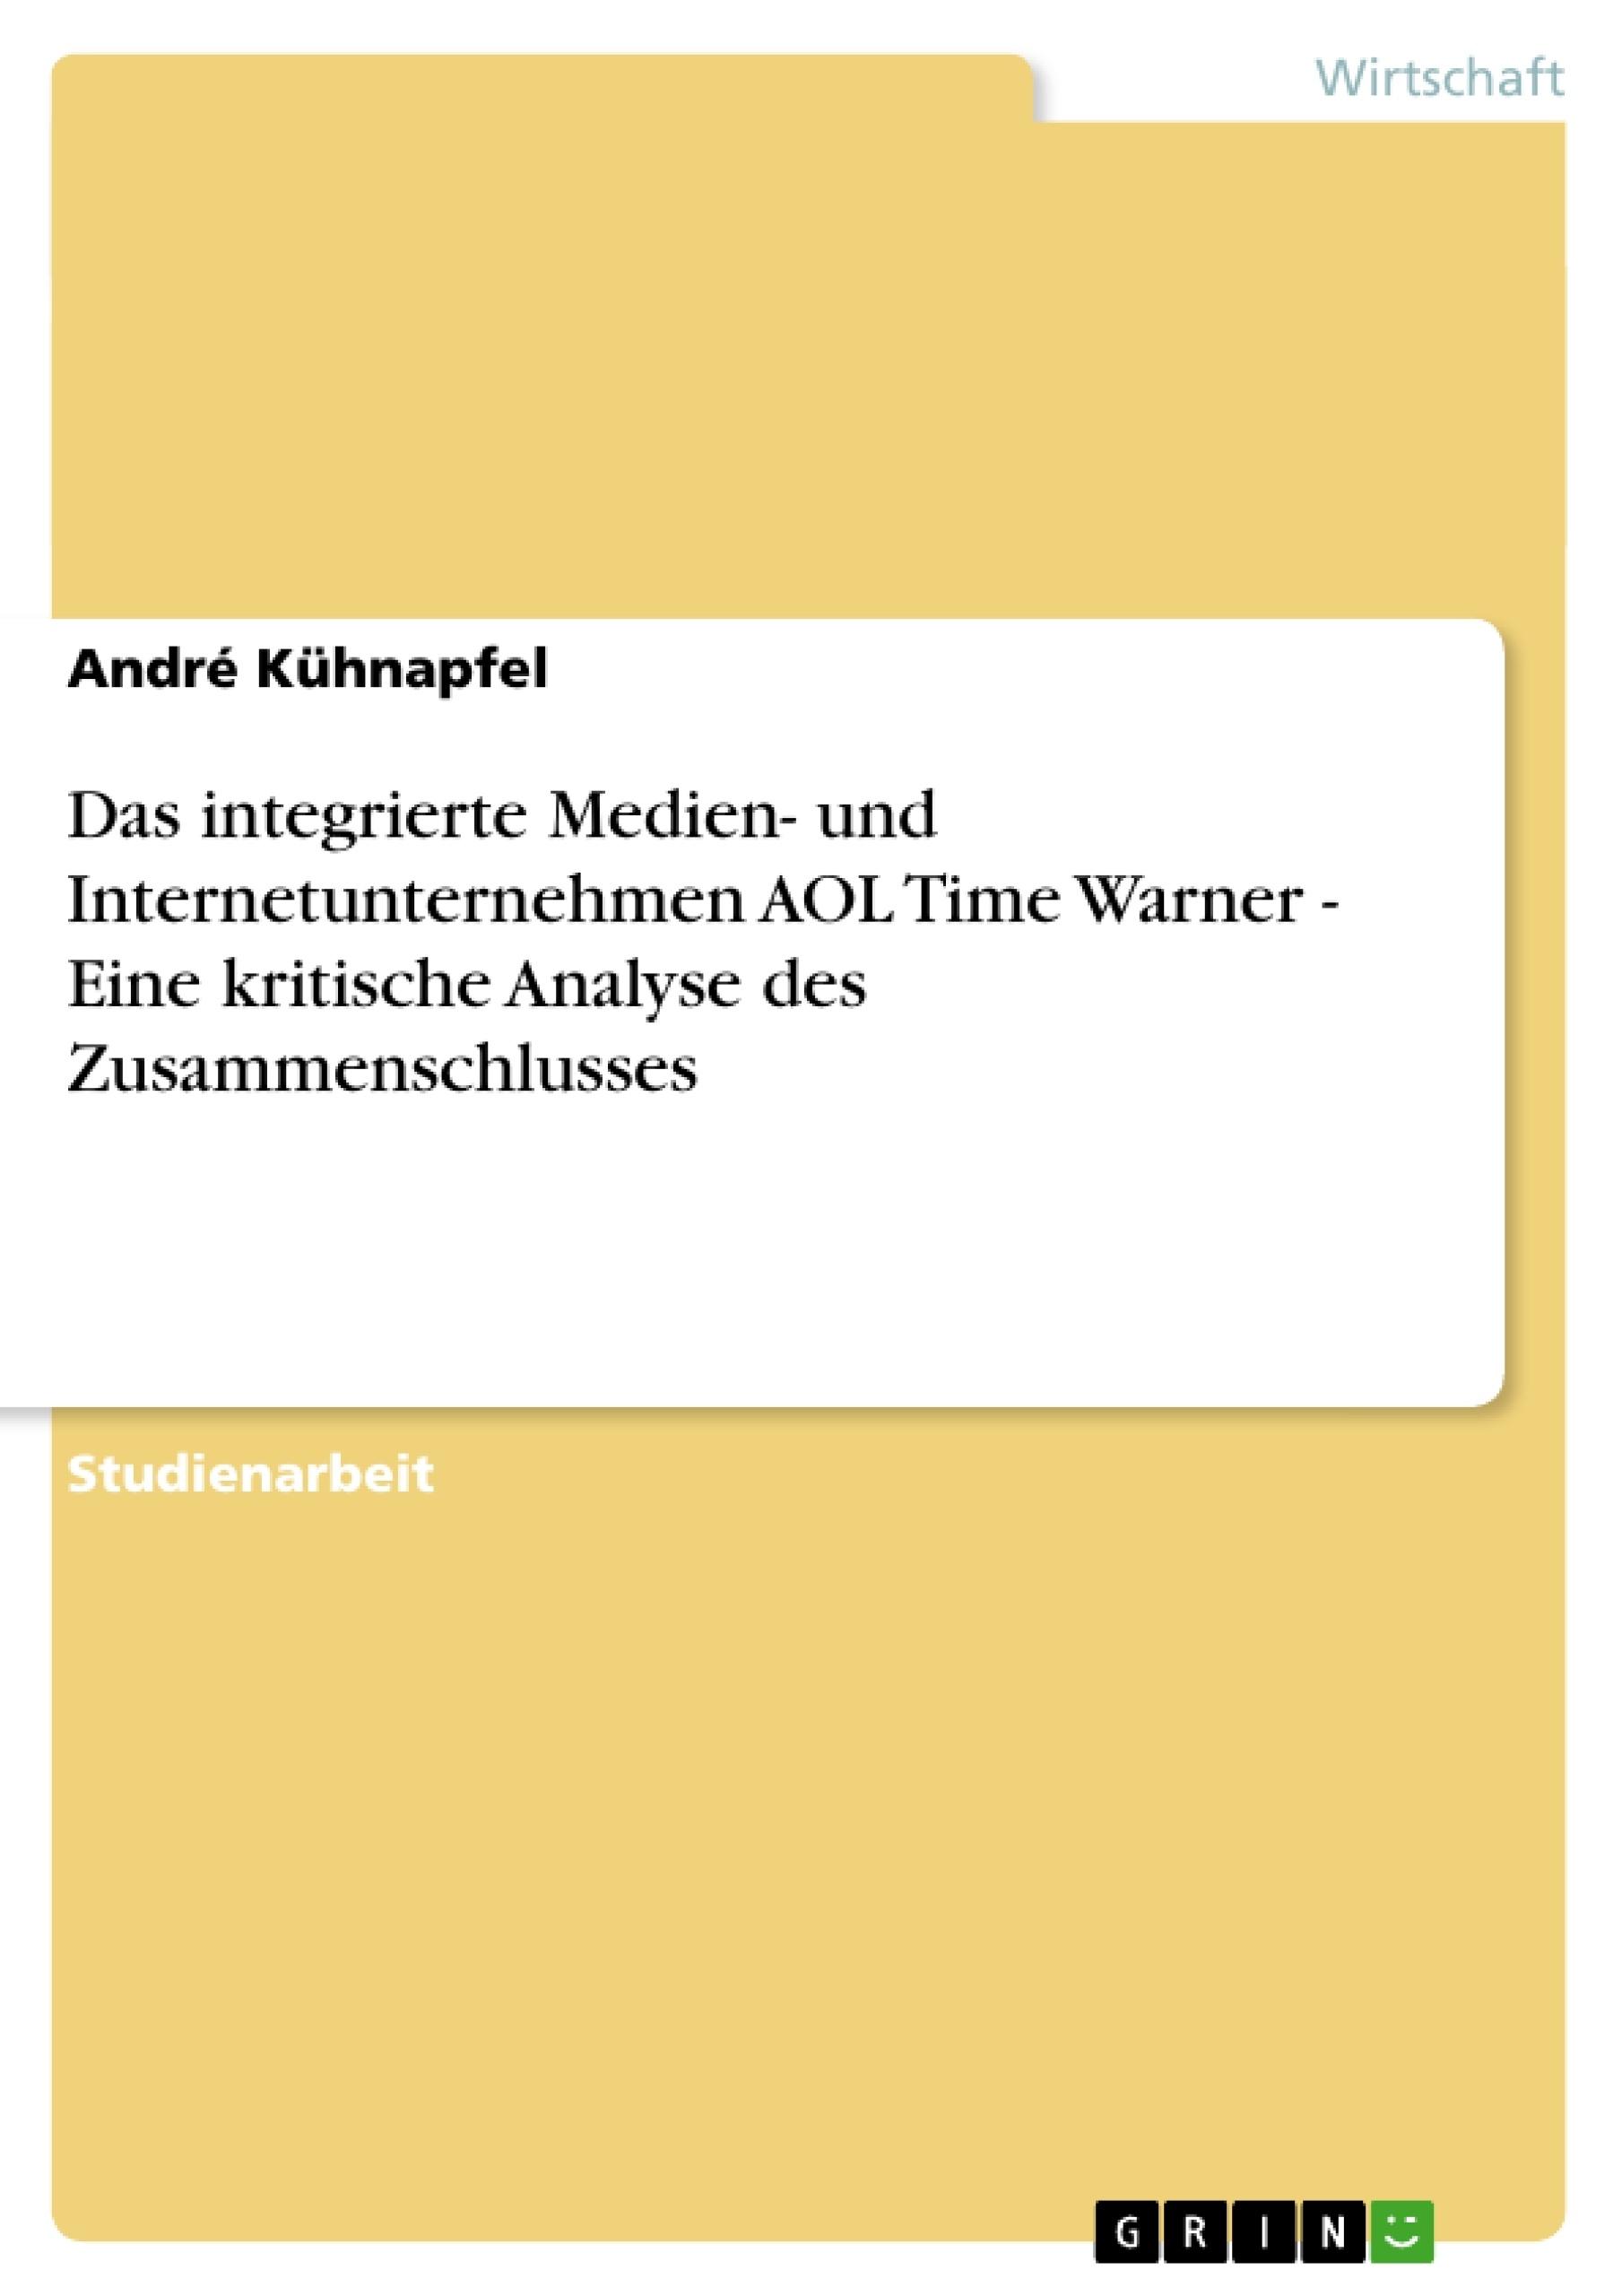 Titel: Das integrierte Medien- und Internetunternehmen AOL Time Warner - Eine kritische Analyse des Zusammenschlusses